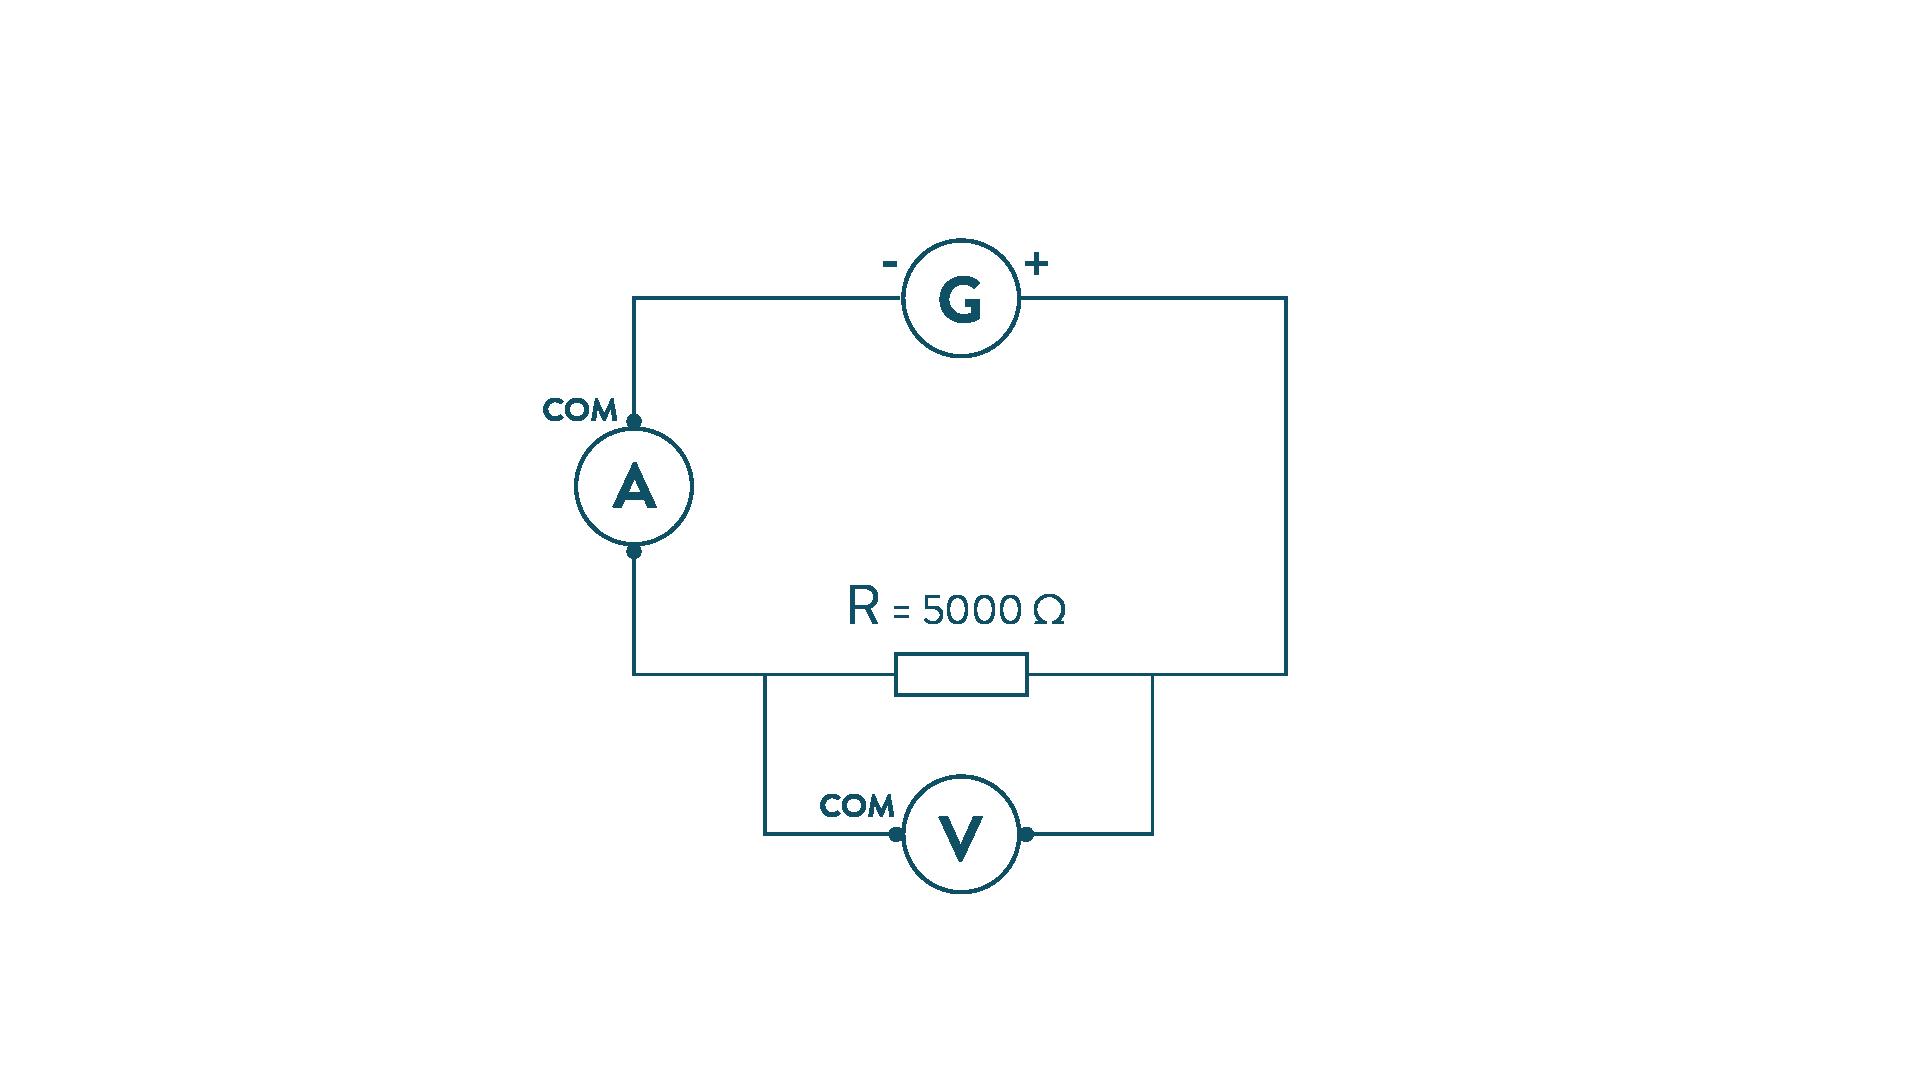 exemple d'un circuit avec résistance